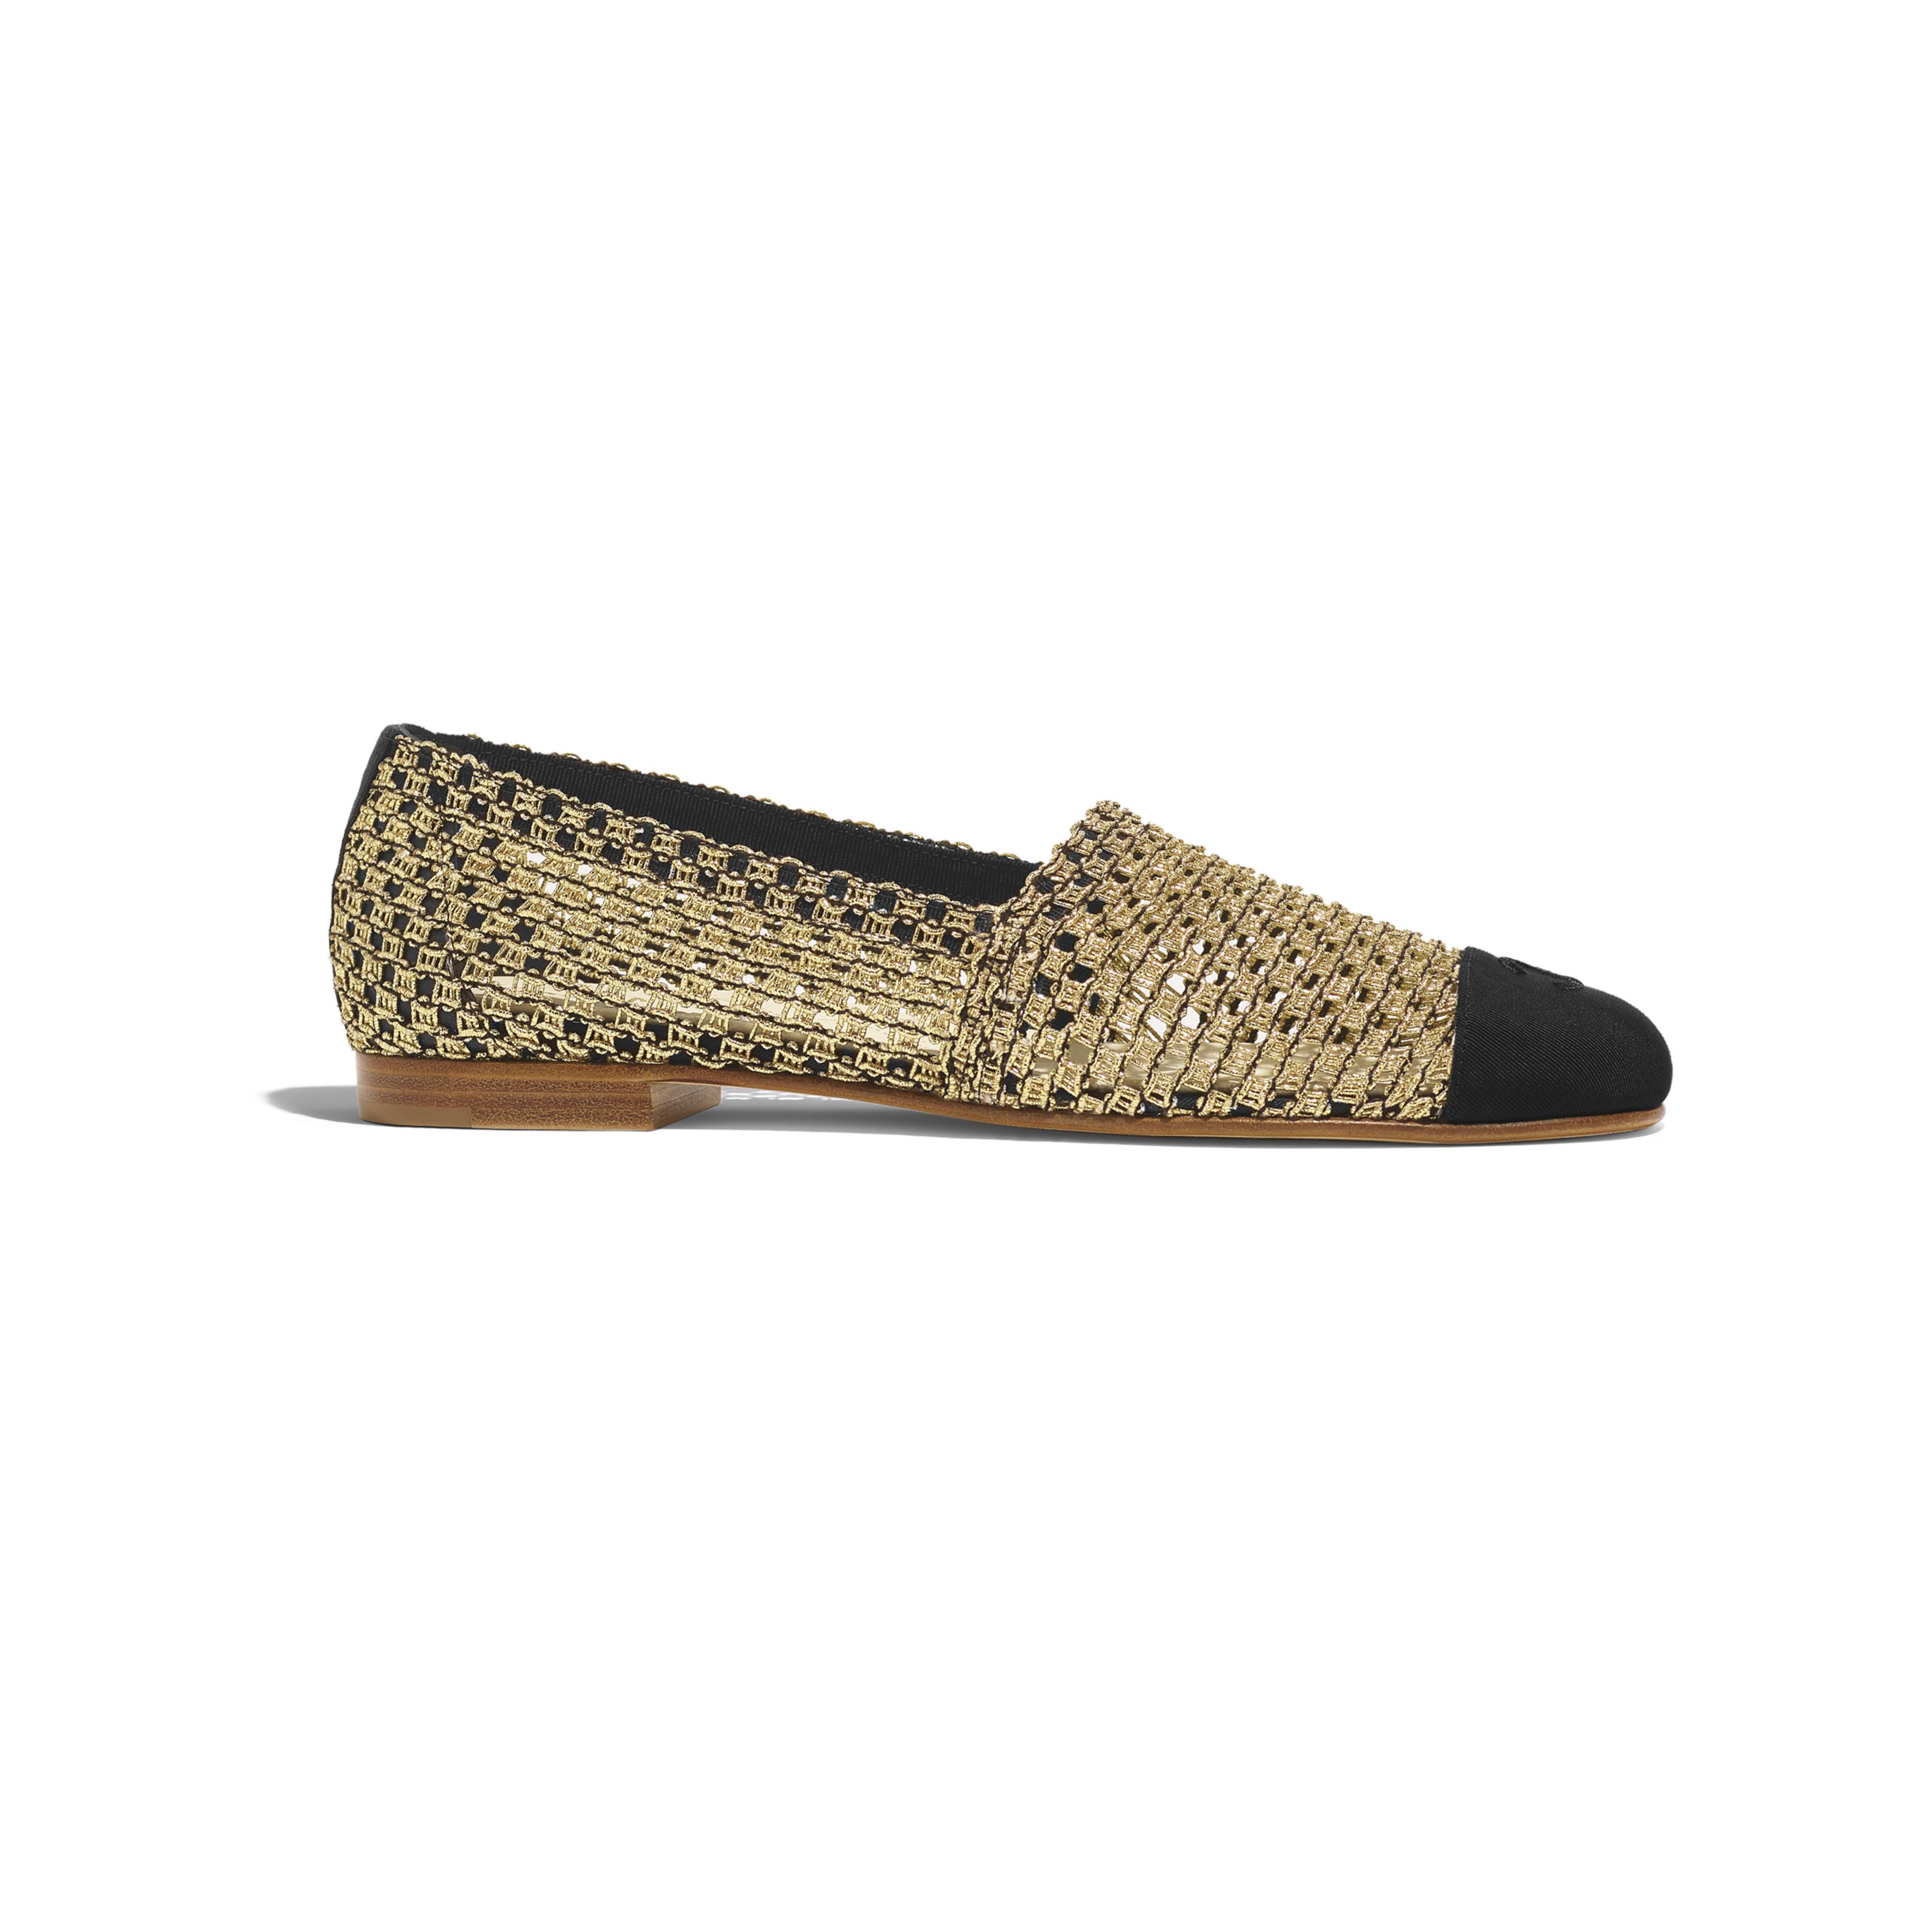 e3c918dc72c1 Loafers gold black knit grosgrain knit grosgrain packshot default jpg  3840x3840 Loafers with gold